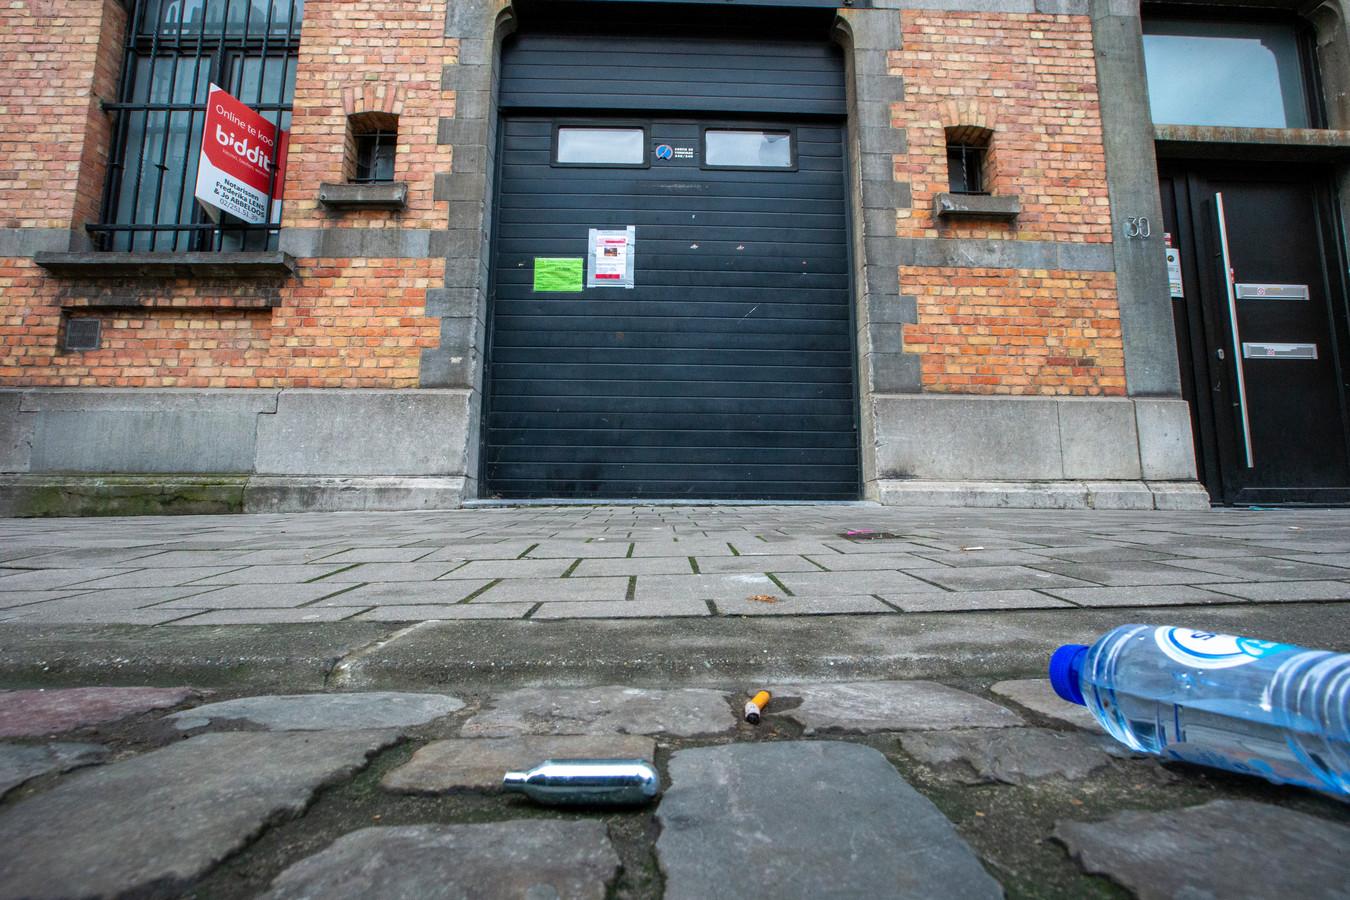 Des capsules de gaz hilarant ont été trouvées